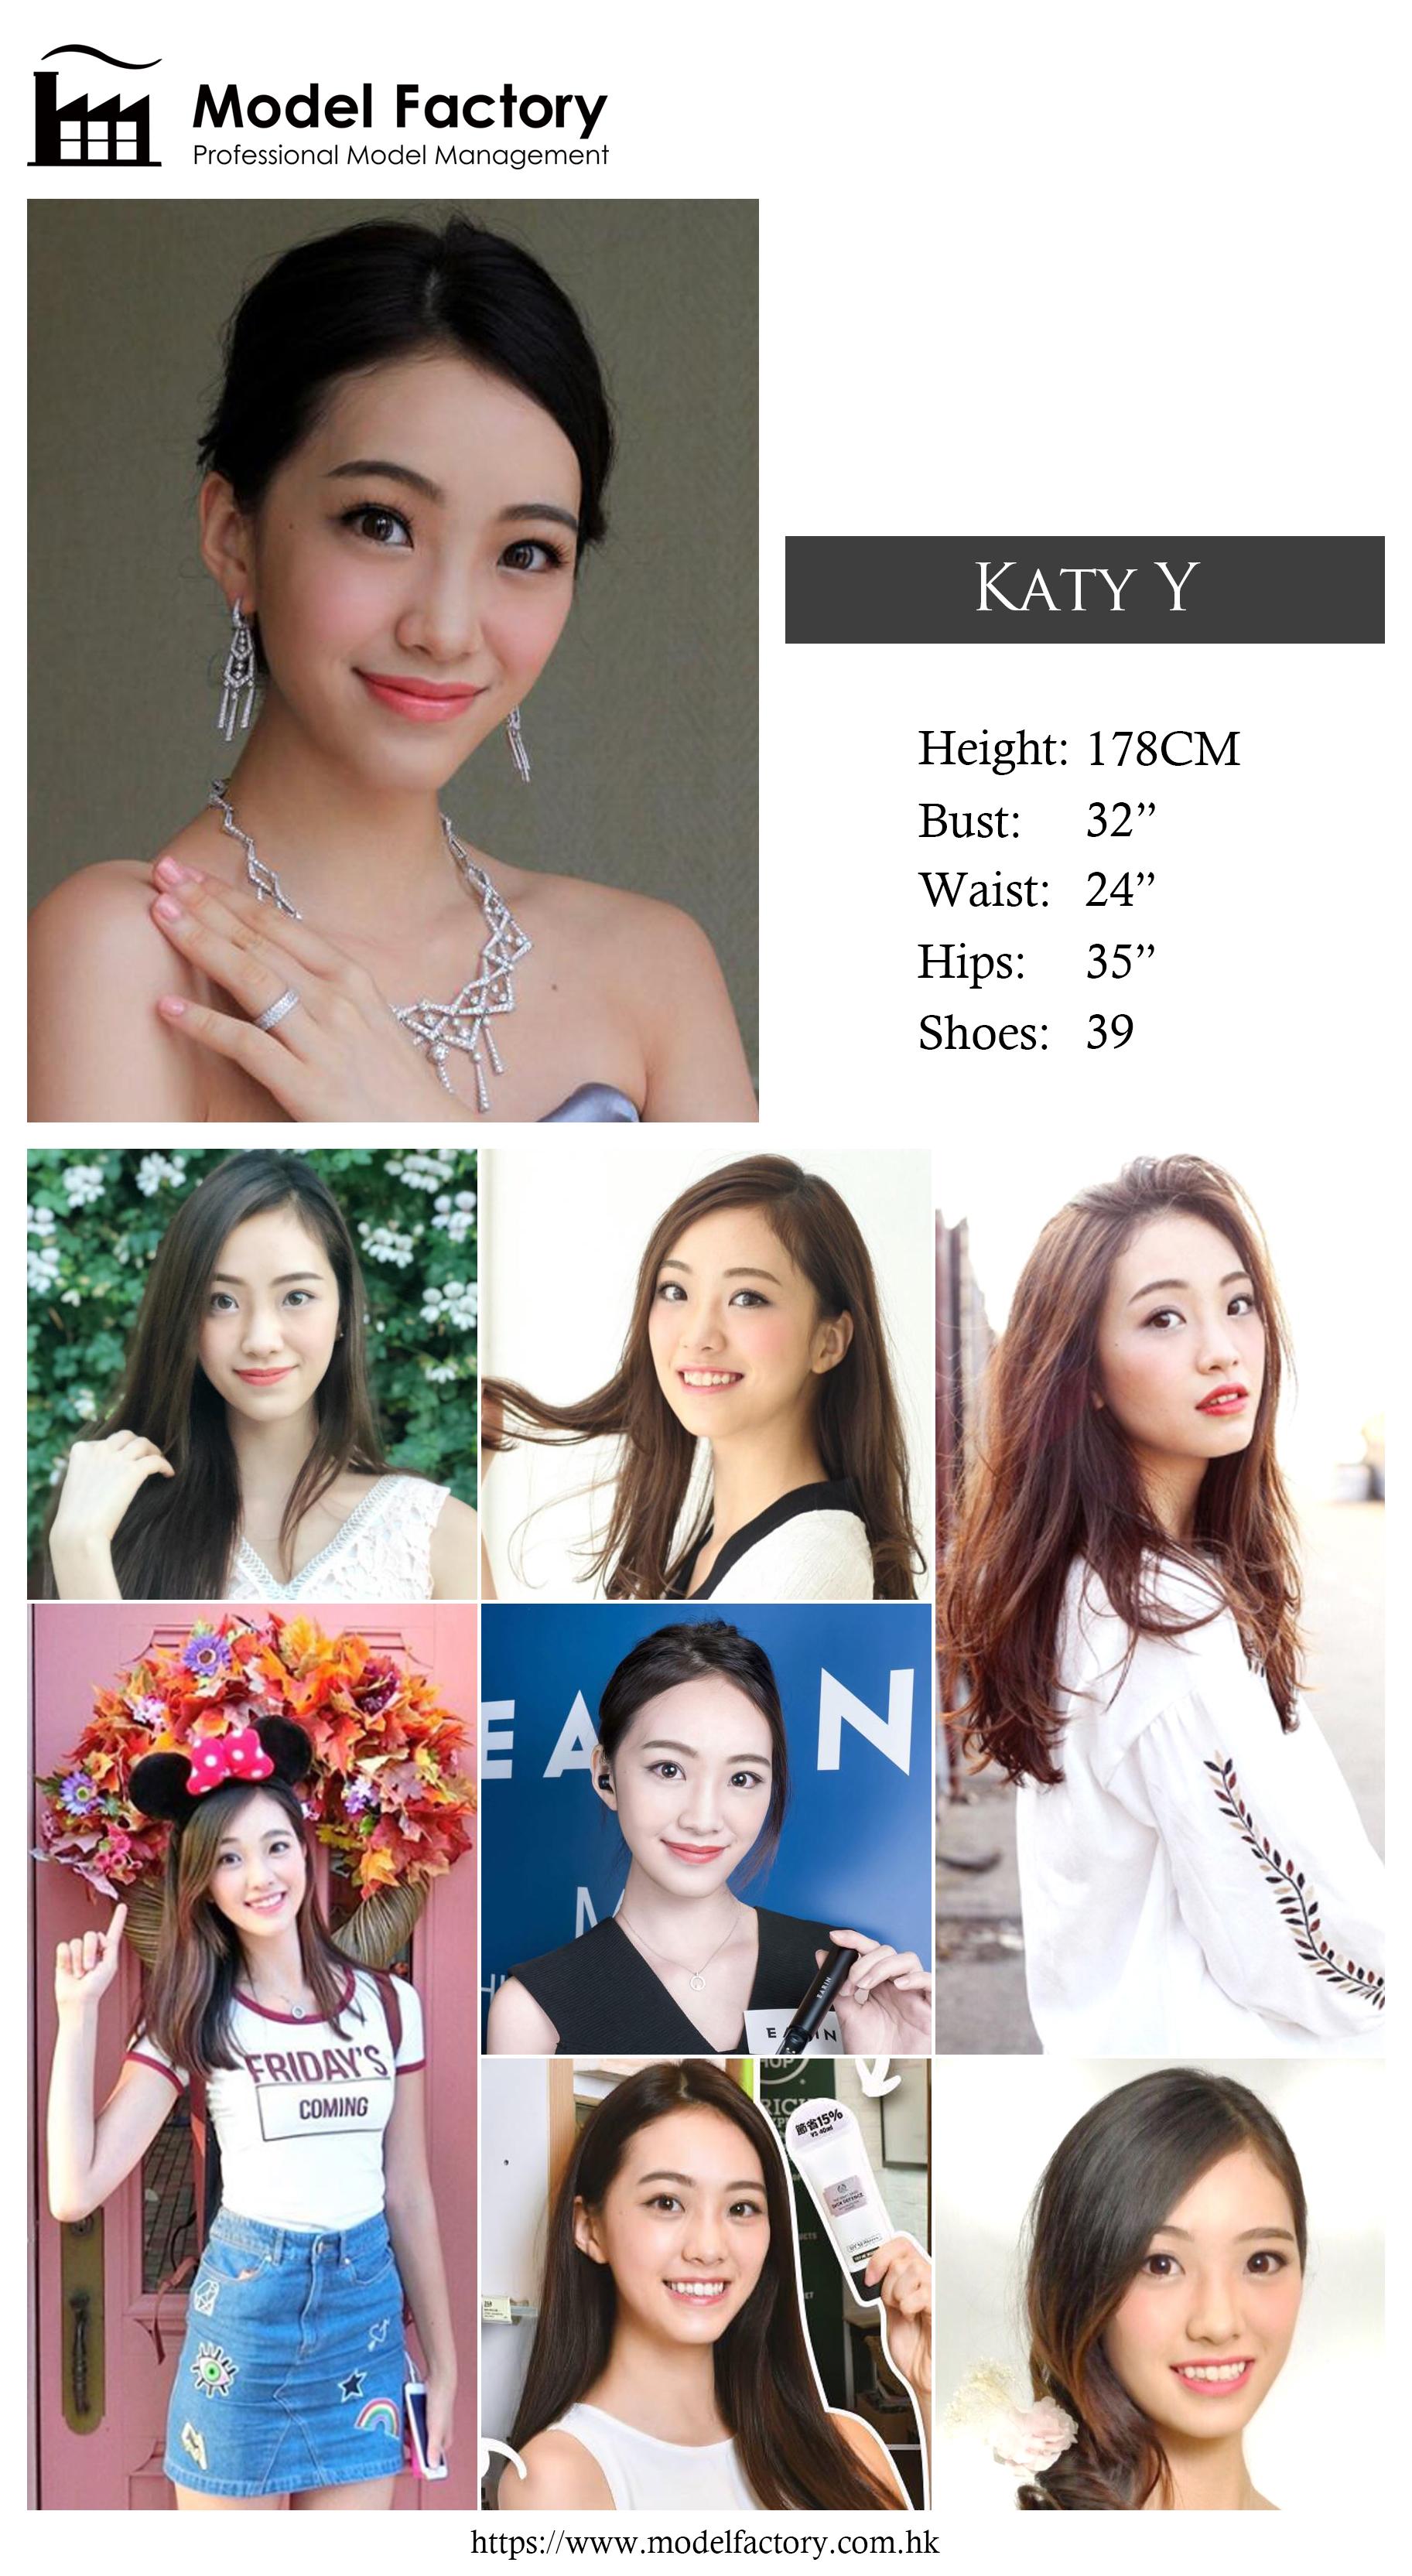 Model Factory Hong Kong Female Model KatyY